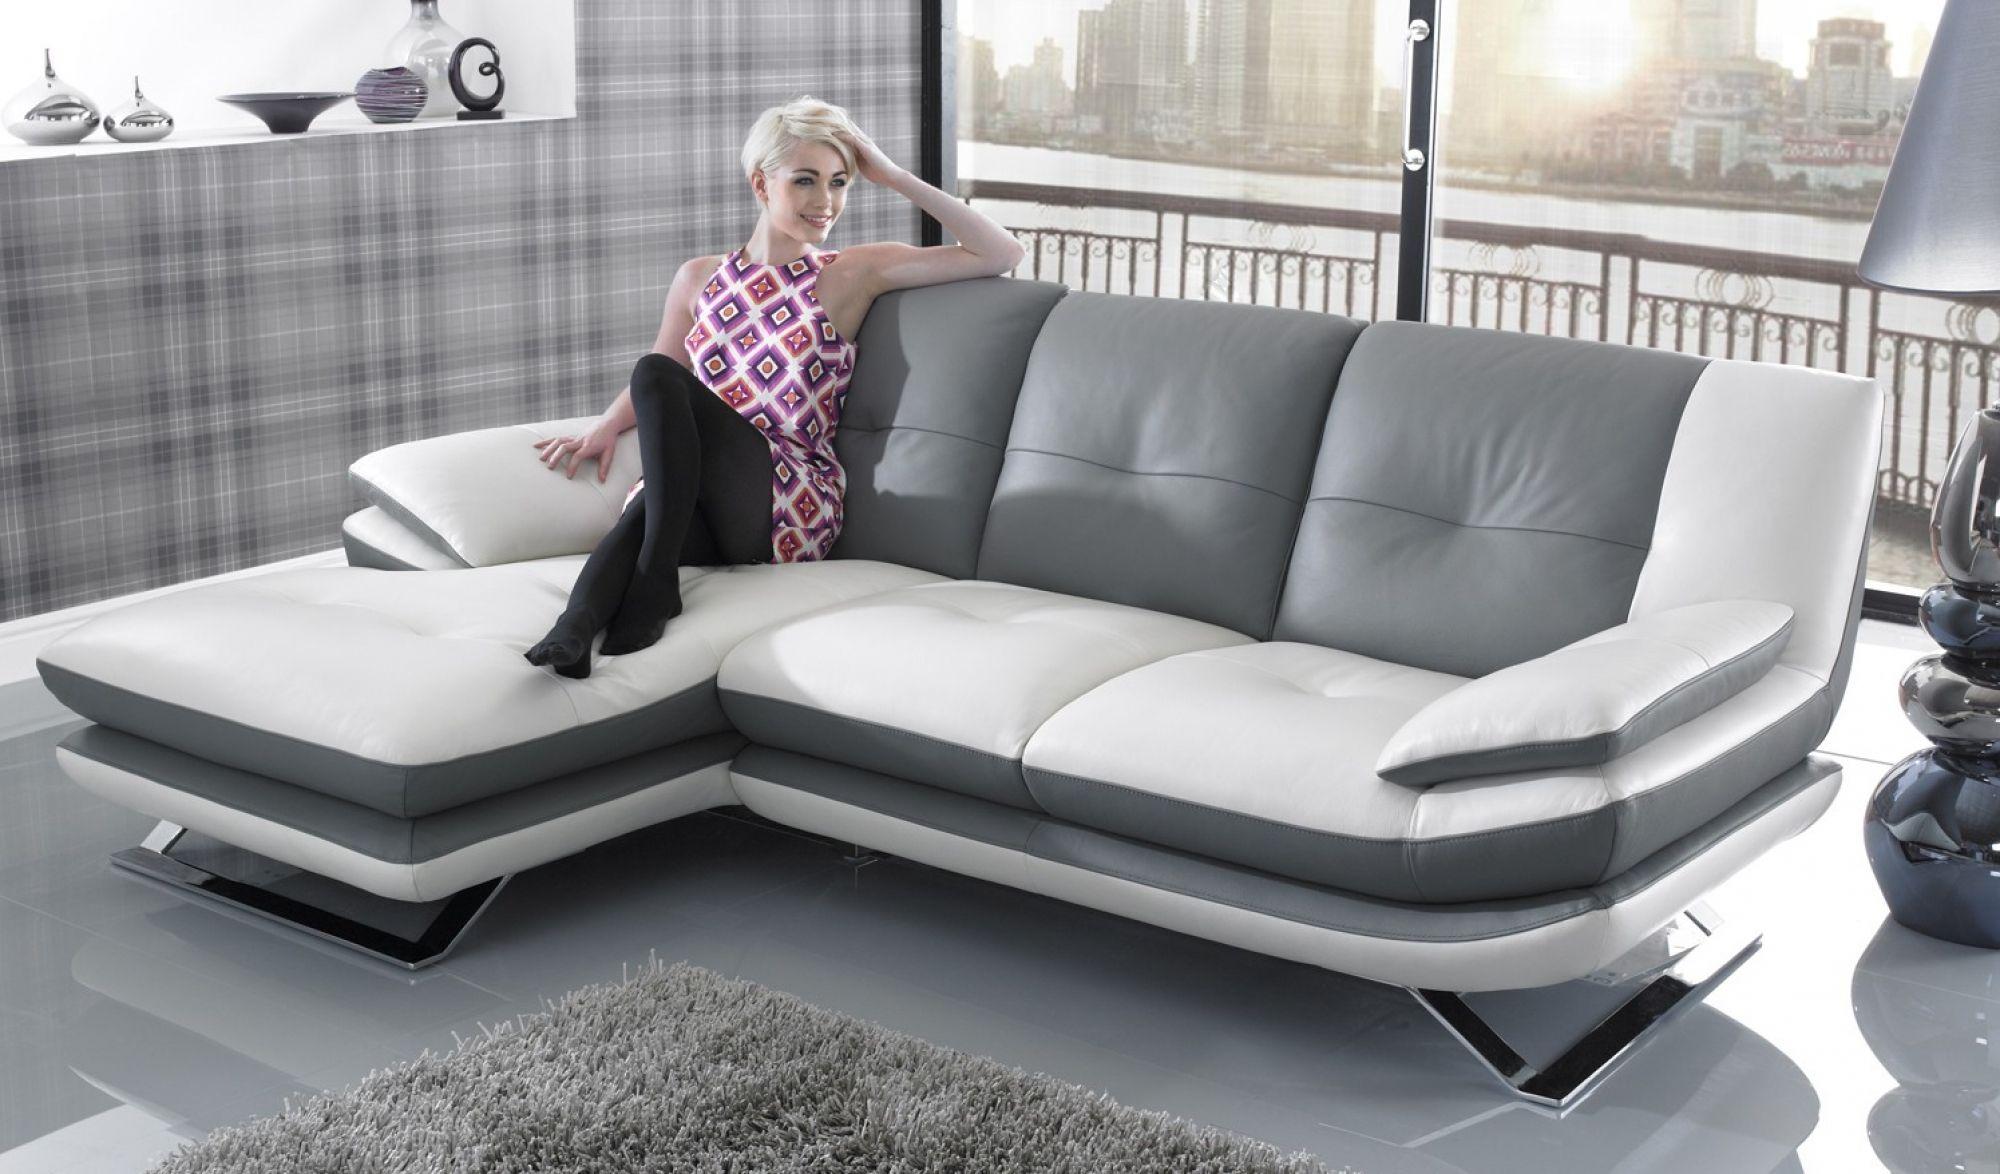 Super Leather Sofas Crave Csl Sofas Co Uk My Favourite Inzonedesignstudio Interior Chair Design Inzonedesignstudiocom